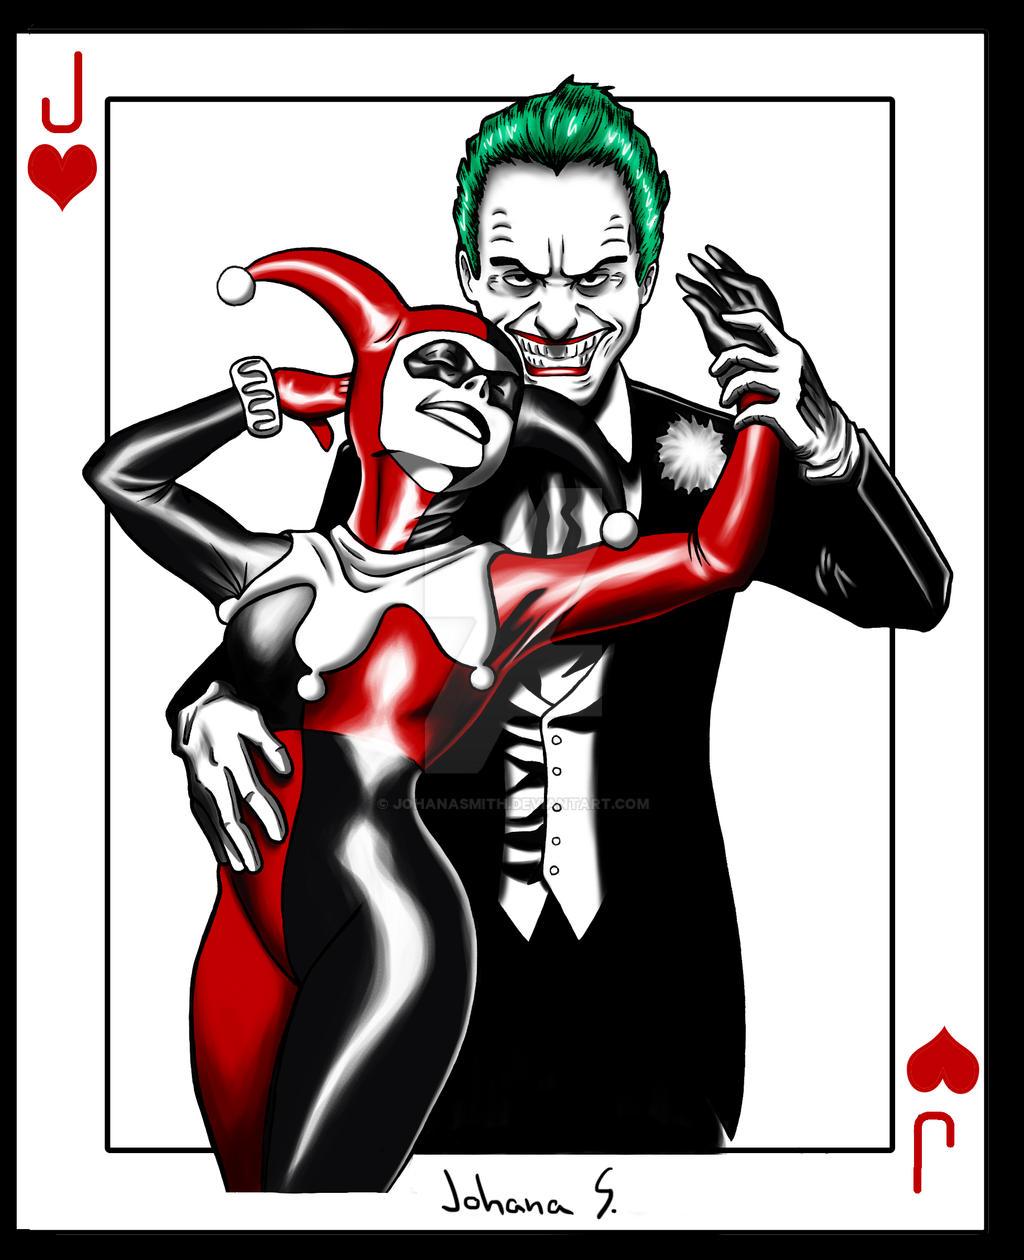 joker card art - photo #13